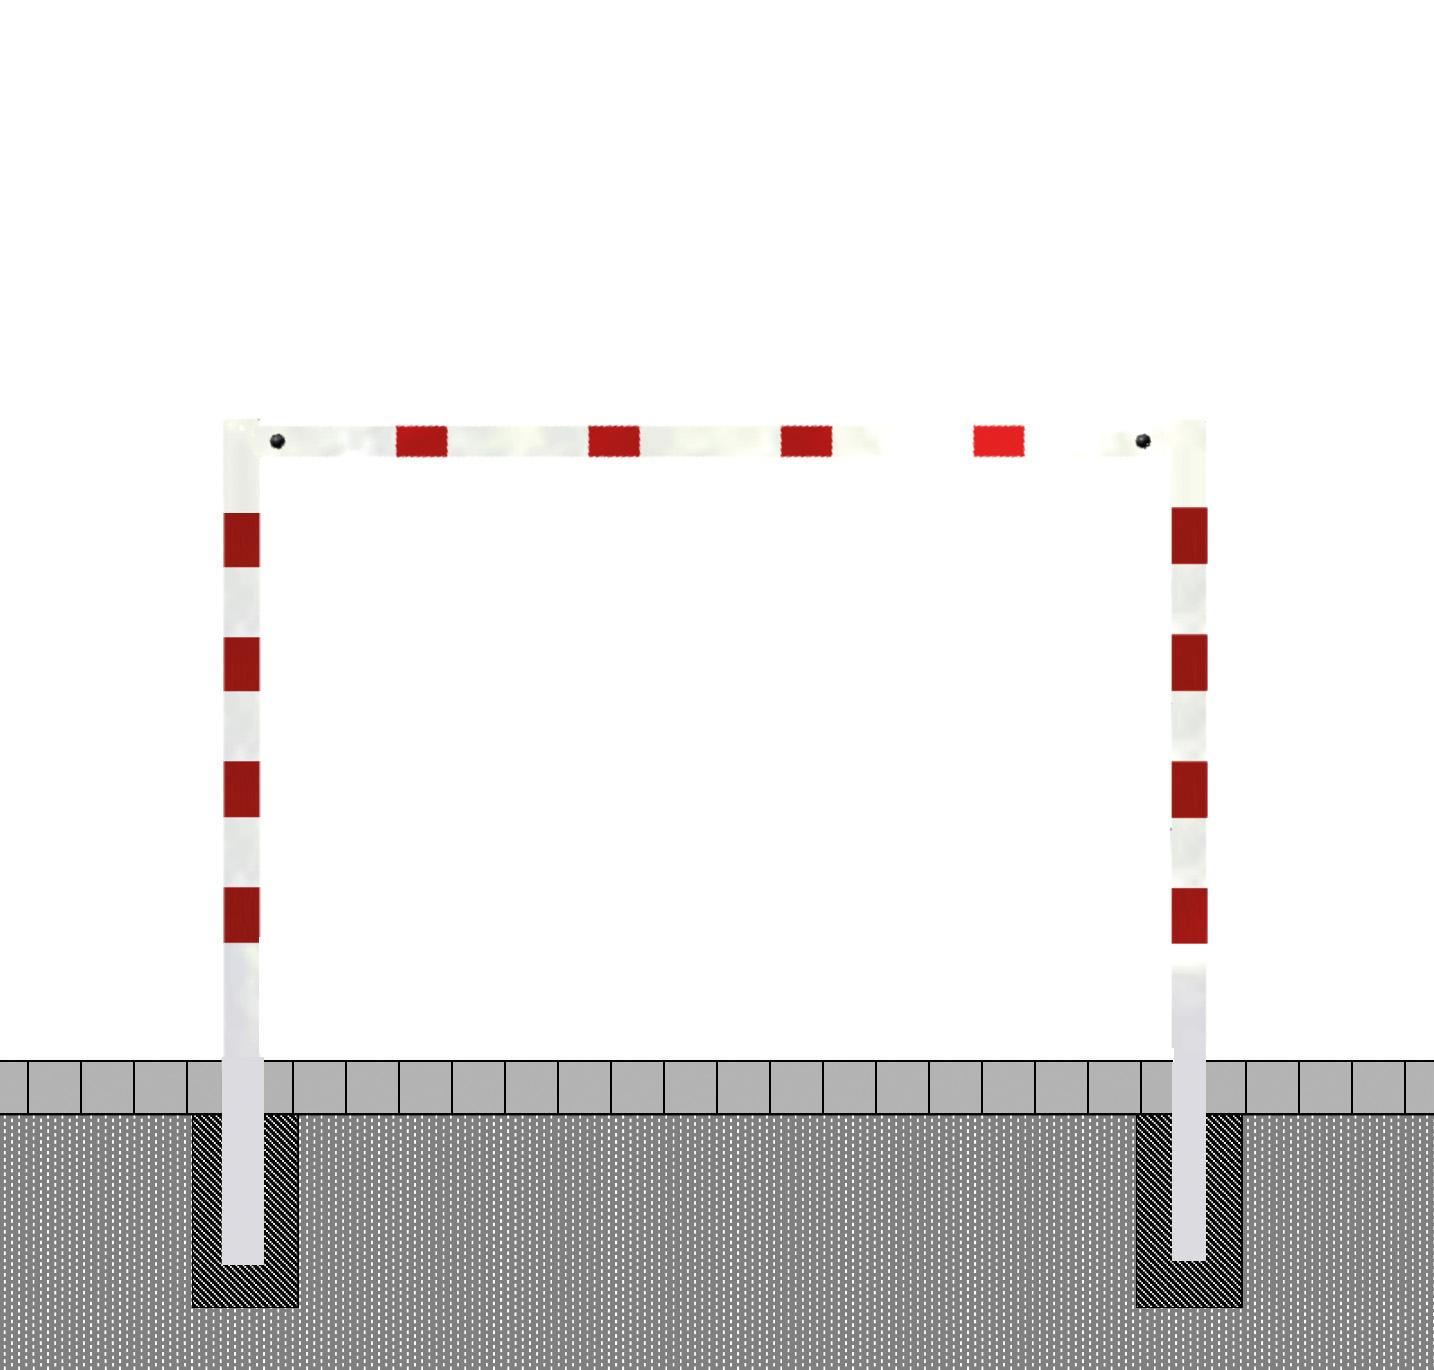 Höhenbegrenzer -variabel einstellbar-   zum Einbetonieren, 2 Standpfosten Ø102mm,  Querrohr aus Alum